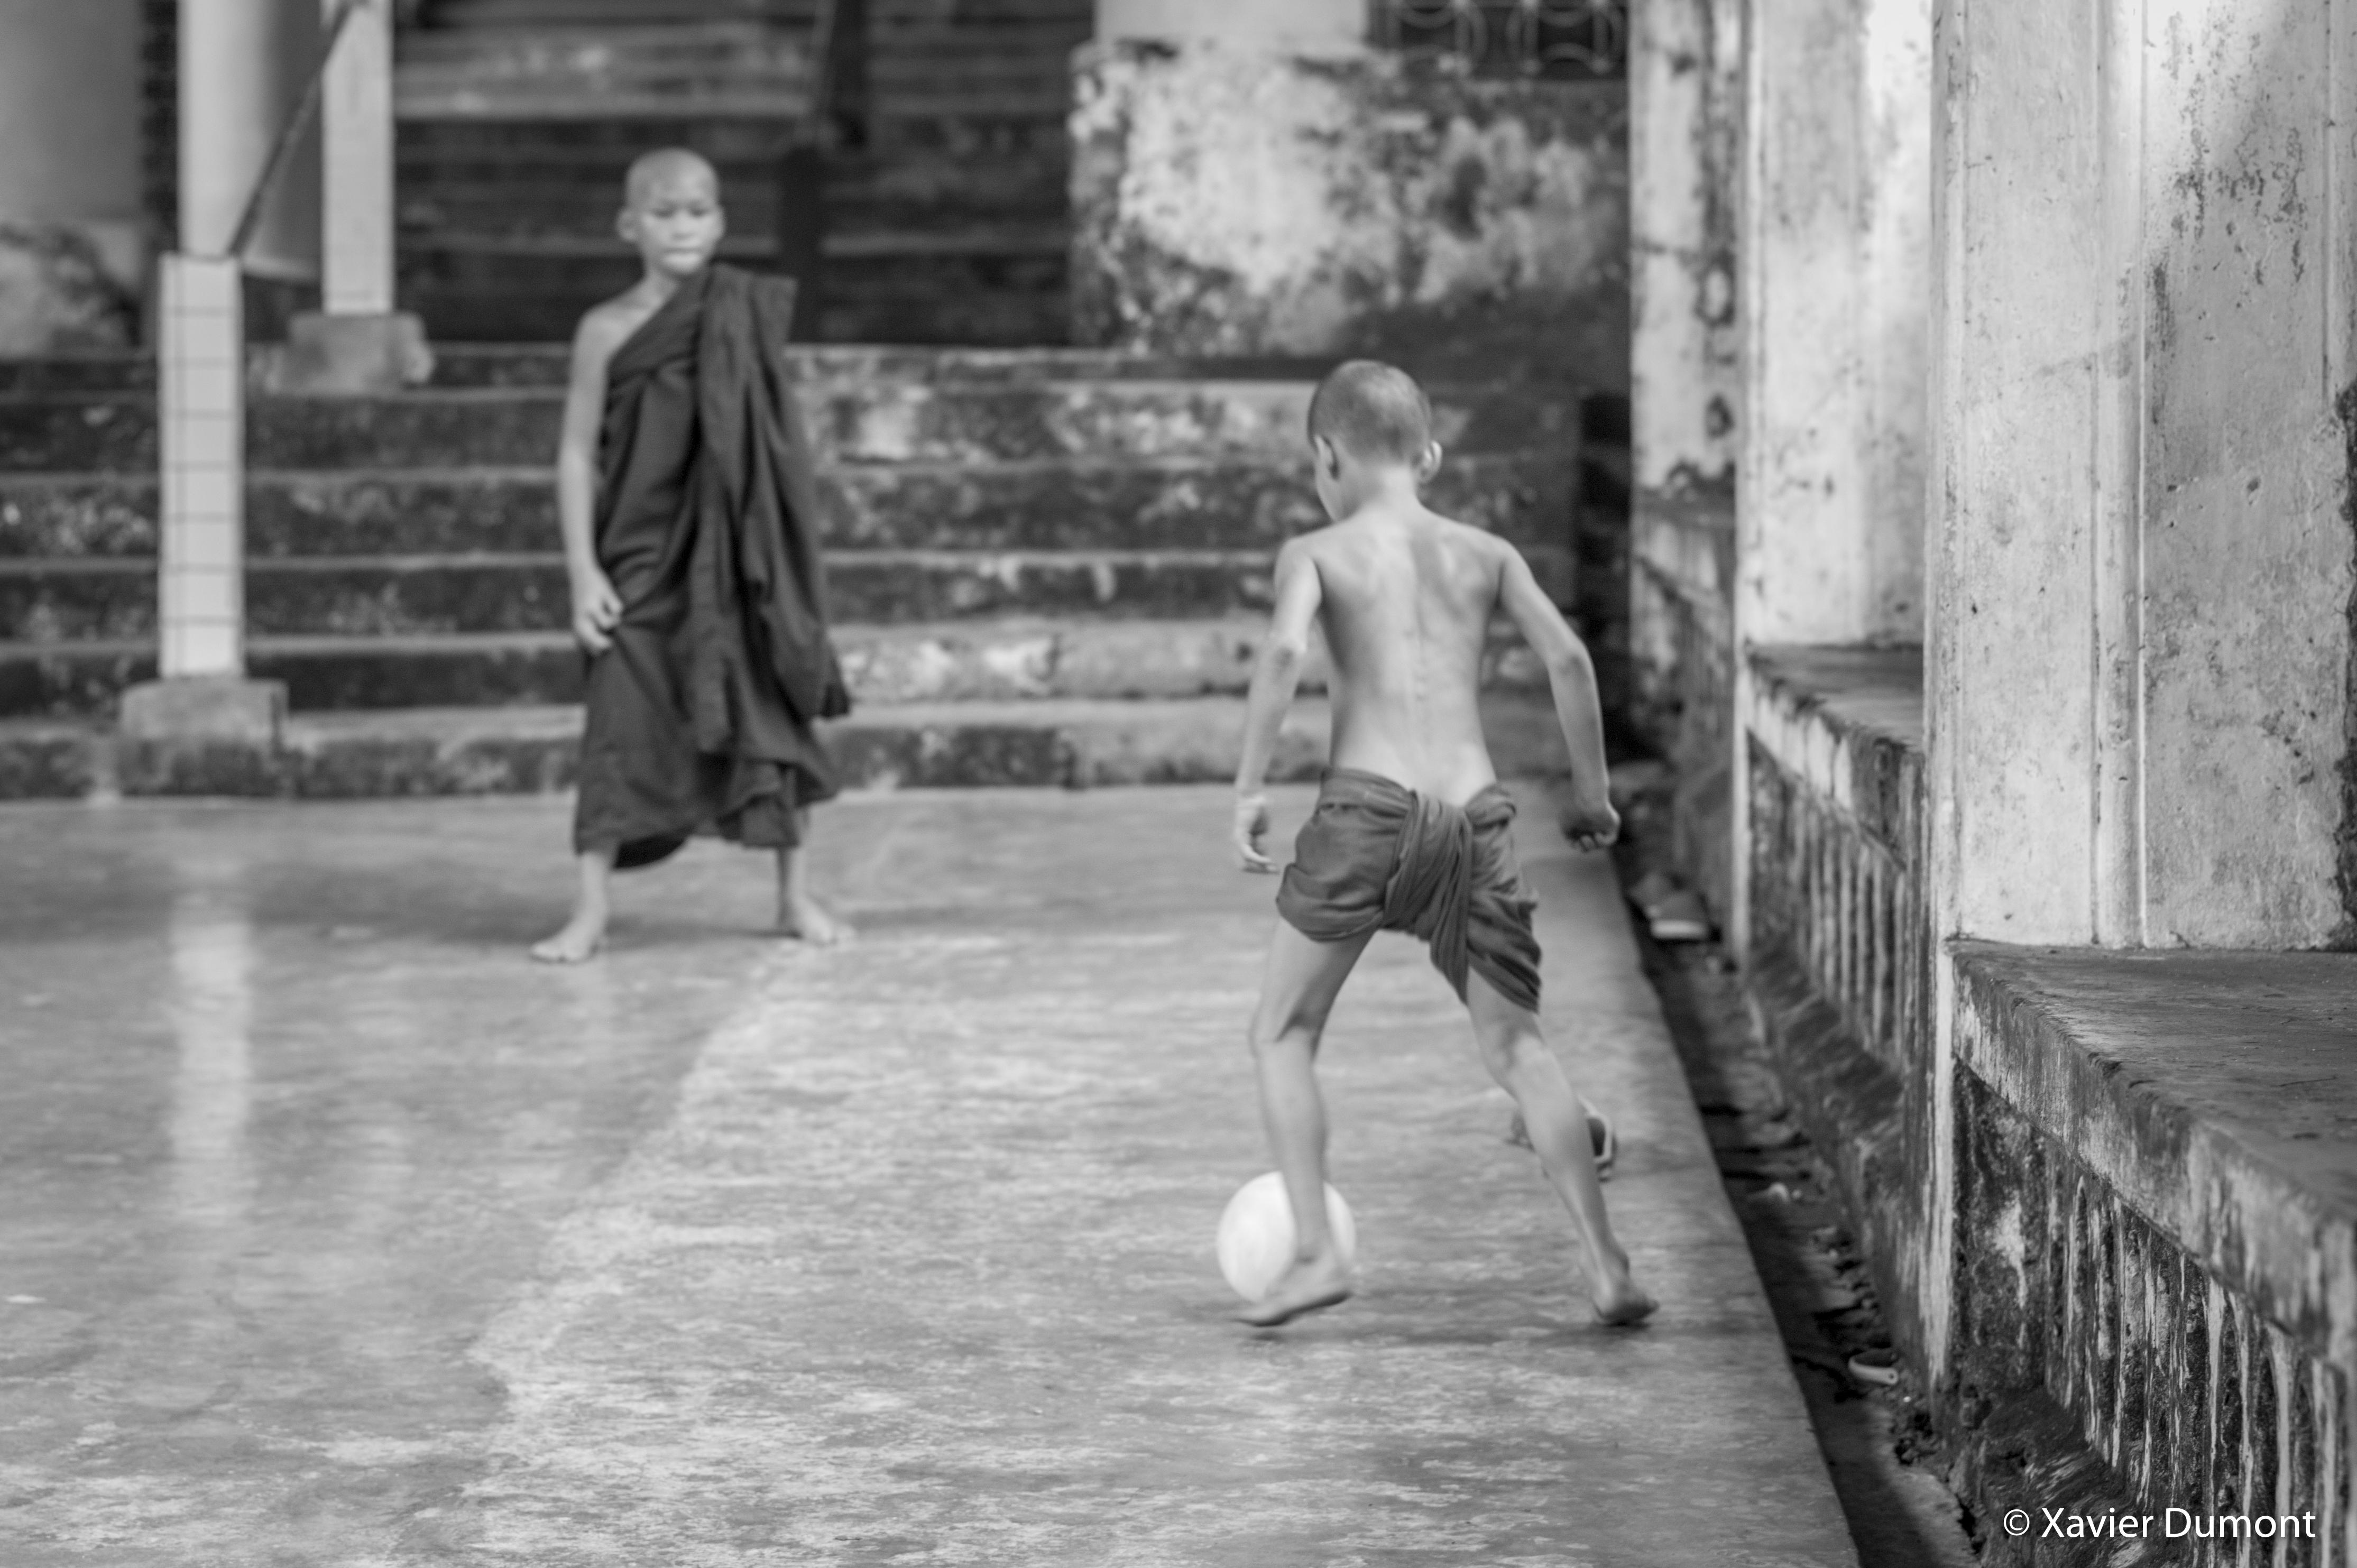 Zid Monk ... , 2017, Mawlamuine-1